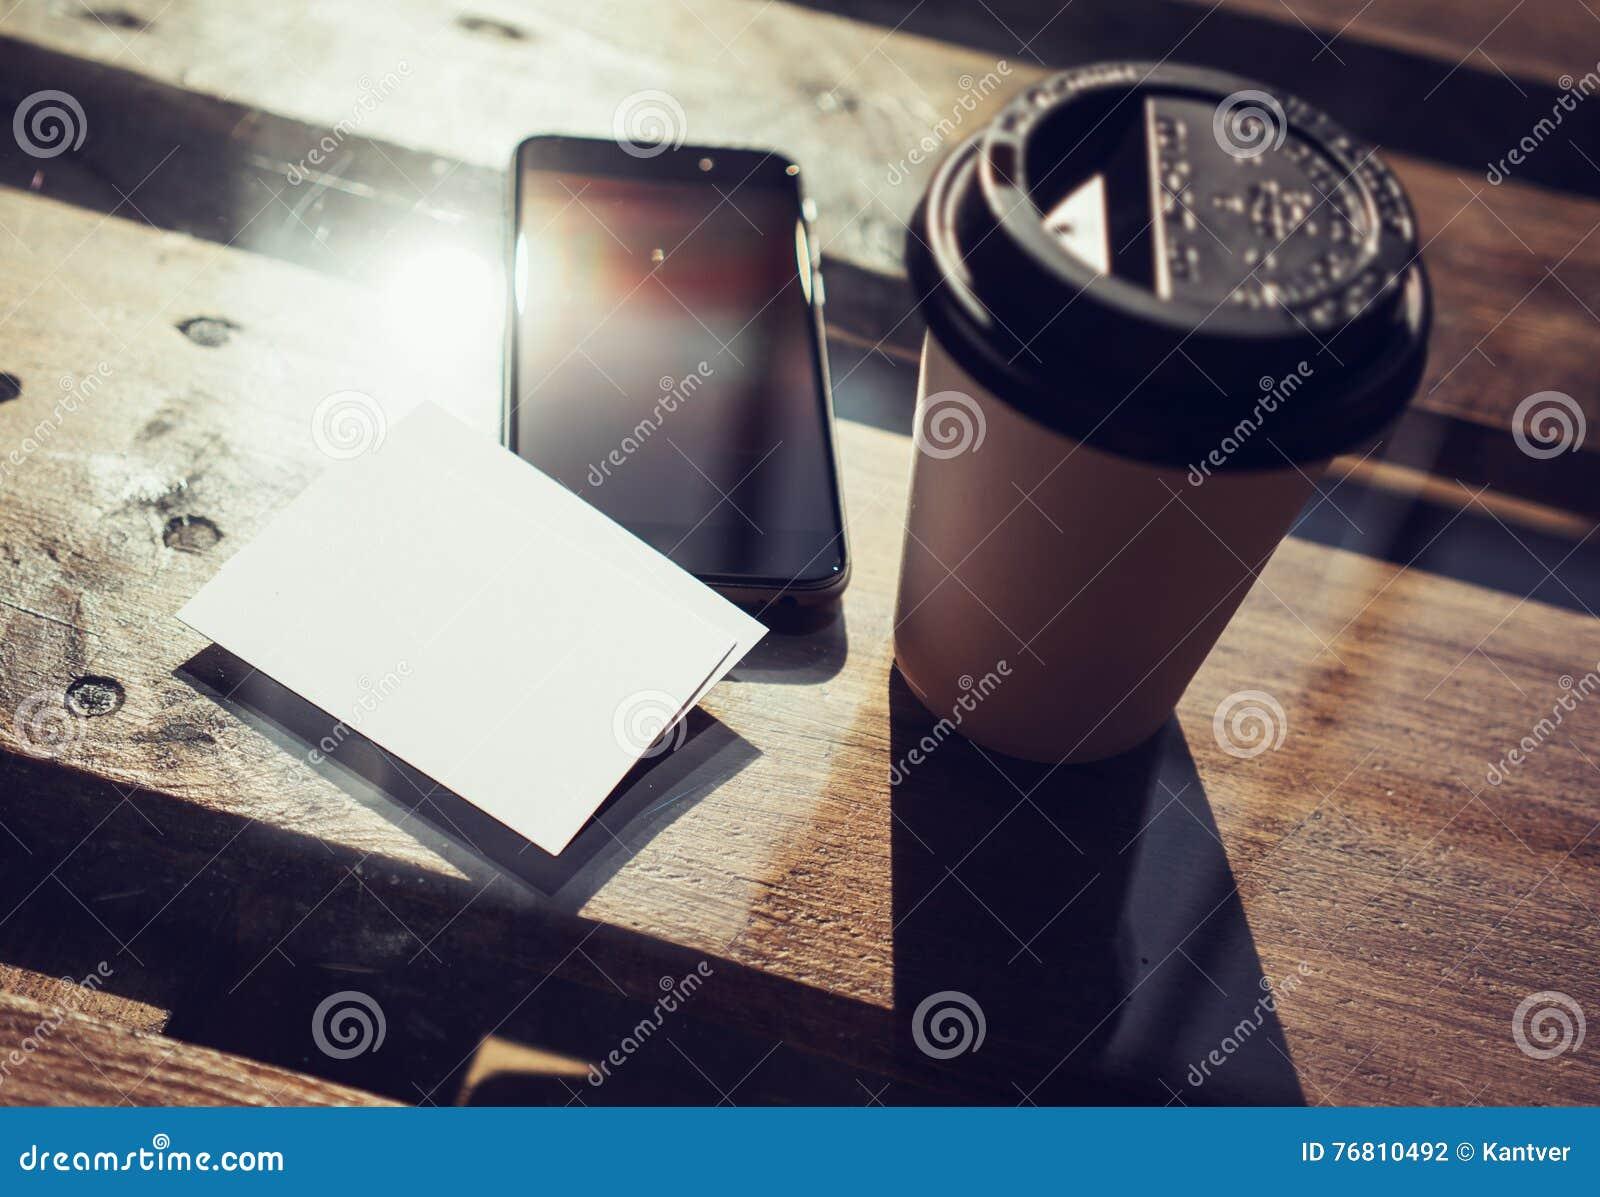 Fond Blanc Vide De Maquette Carte Visite Professionnelle Plan Rapproche Le Haut Tableau En Bois Texturise Smartphone Emportent Cafe